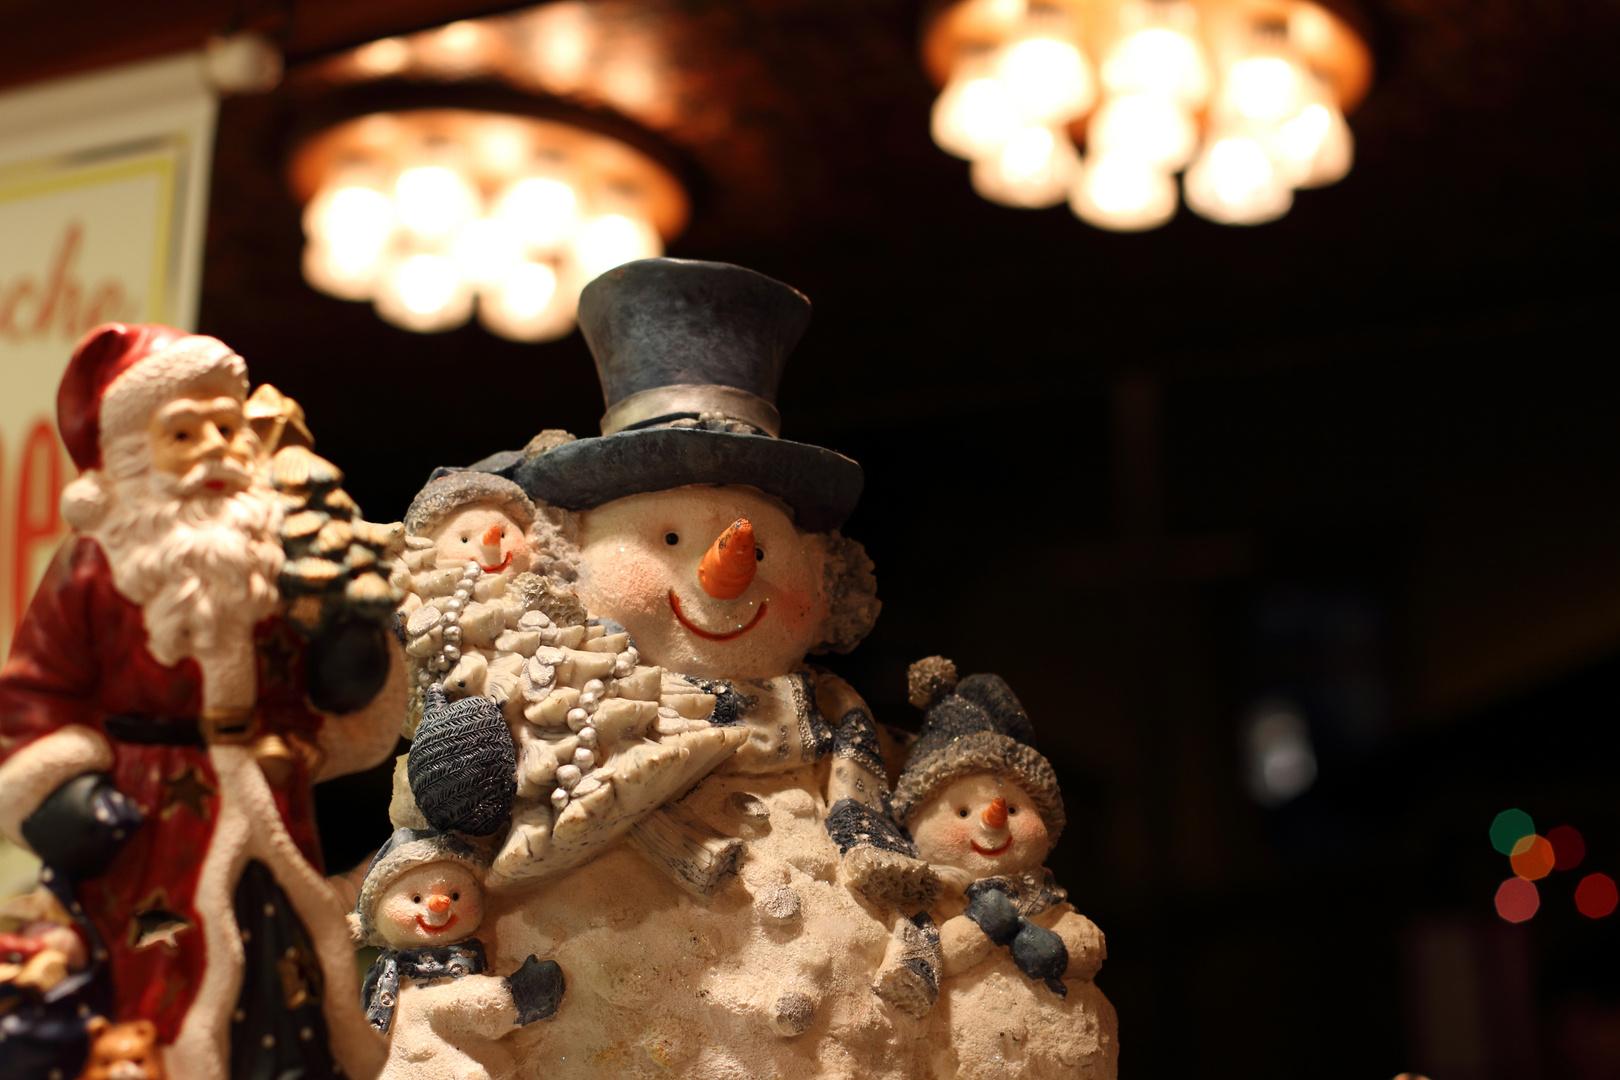 Schneemann - Weihnachtsmarkt Langen Hessen